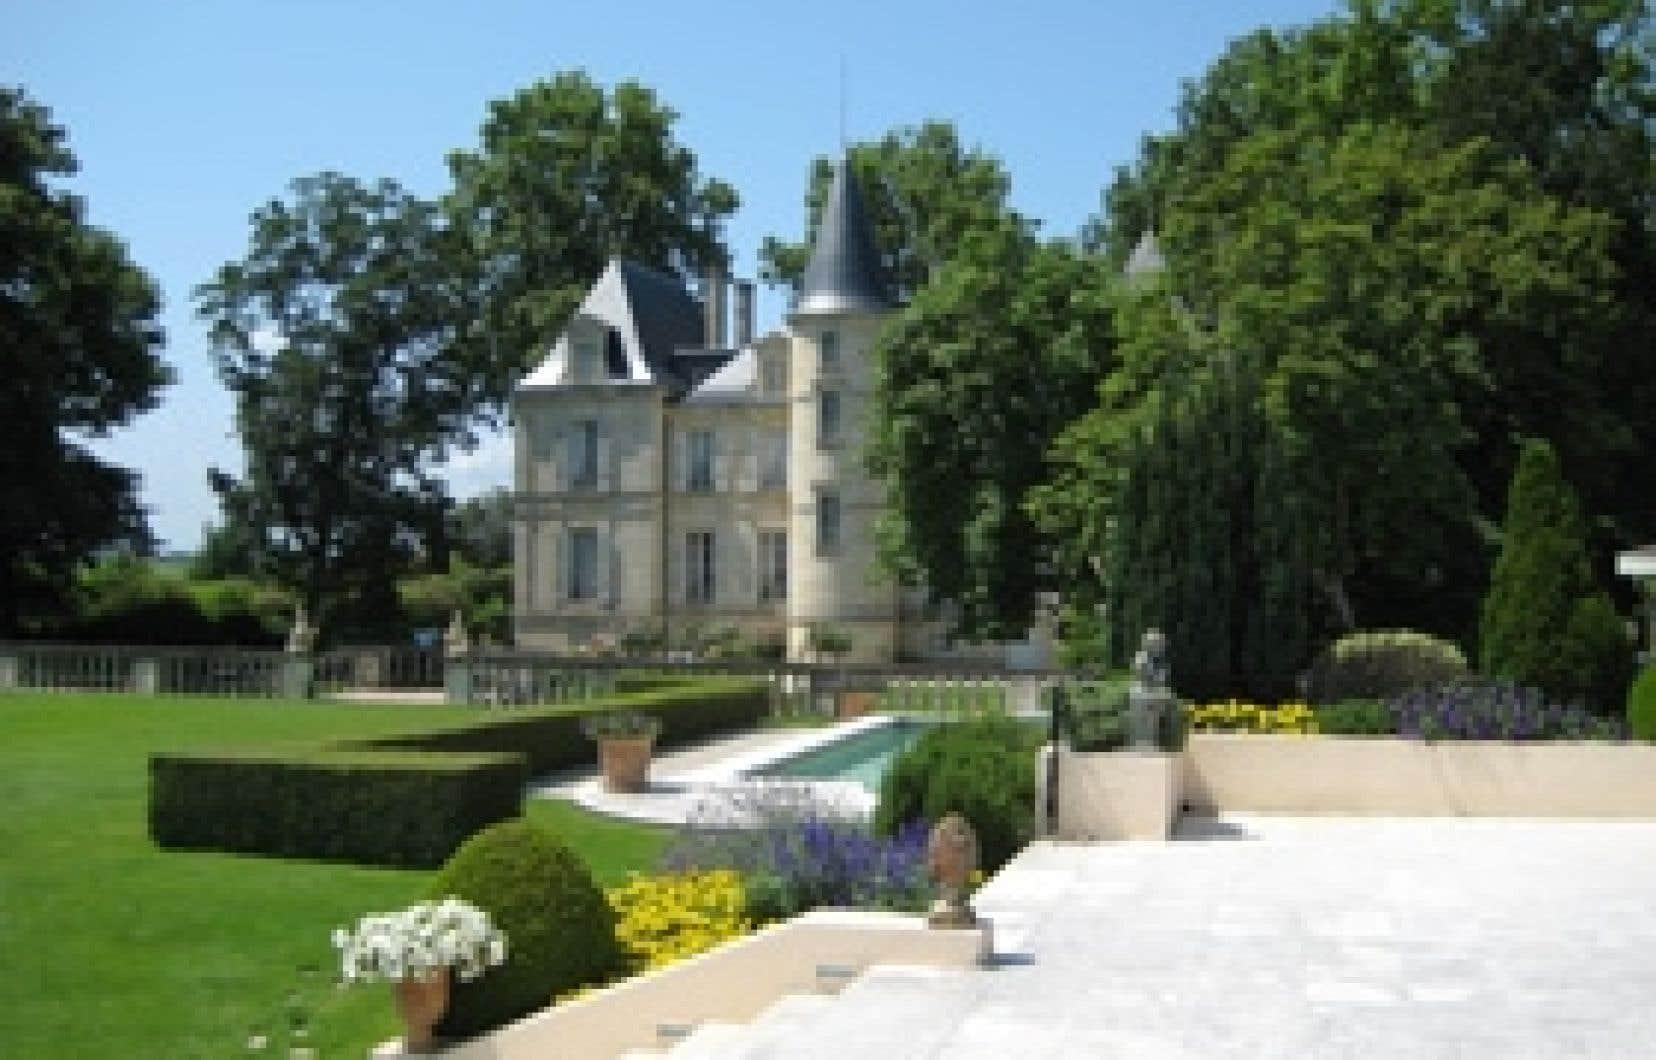 May-Éliane de Lencquesaing et son équipe ont réussi à vendre le Château Pichon Lalande à la maison Roederer, et pas à des investisseurs étrangers sans scrupules, sans aucune autre envie que de se payer un Château prestigieux pour se péter les b